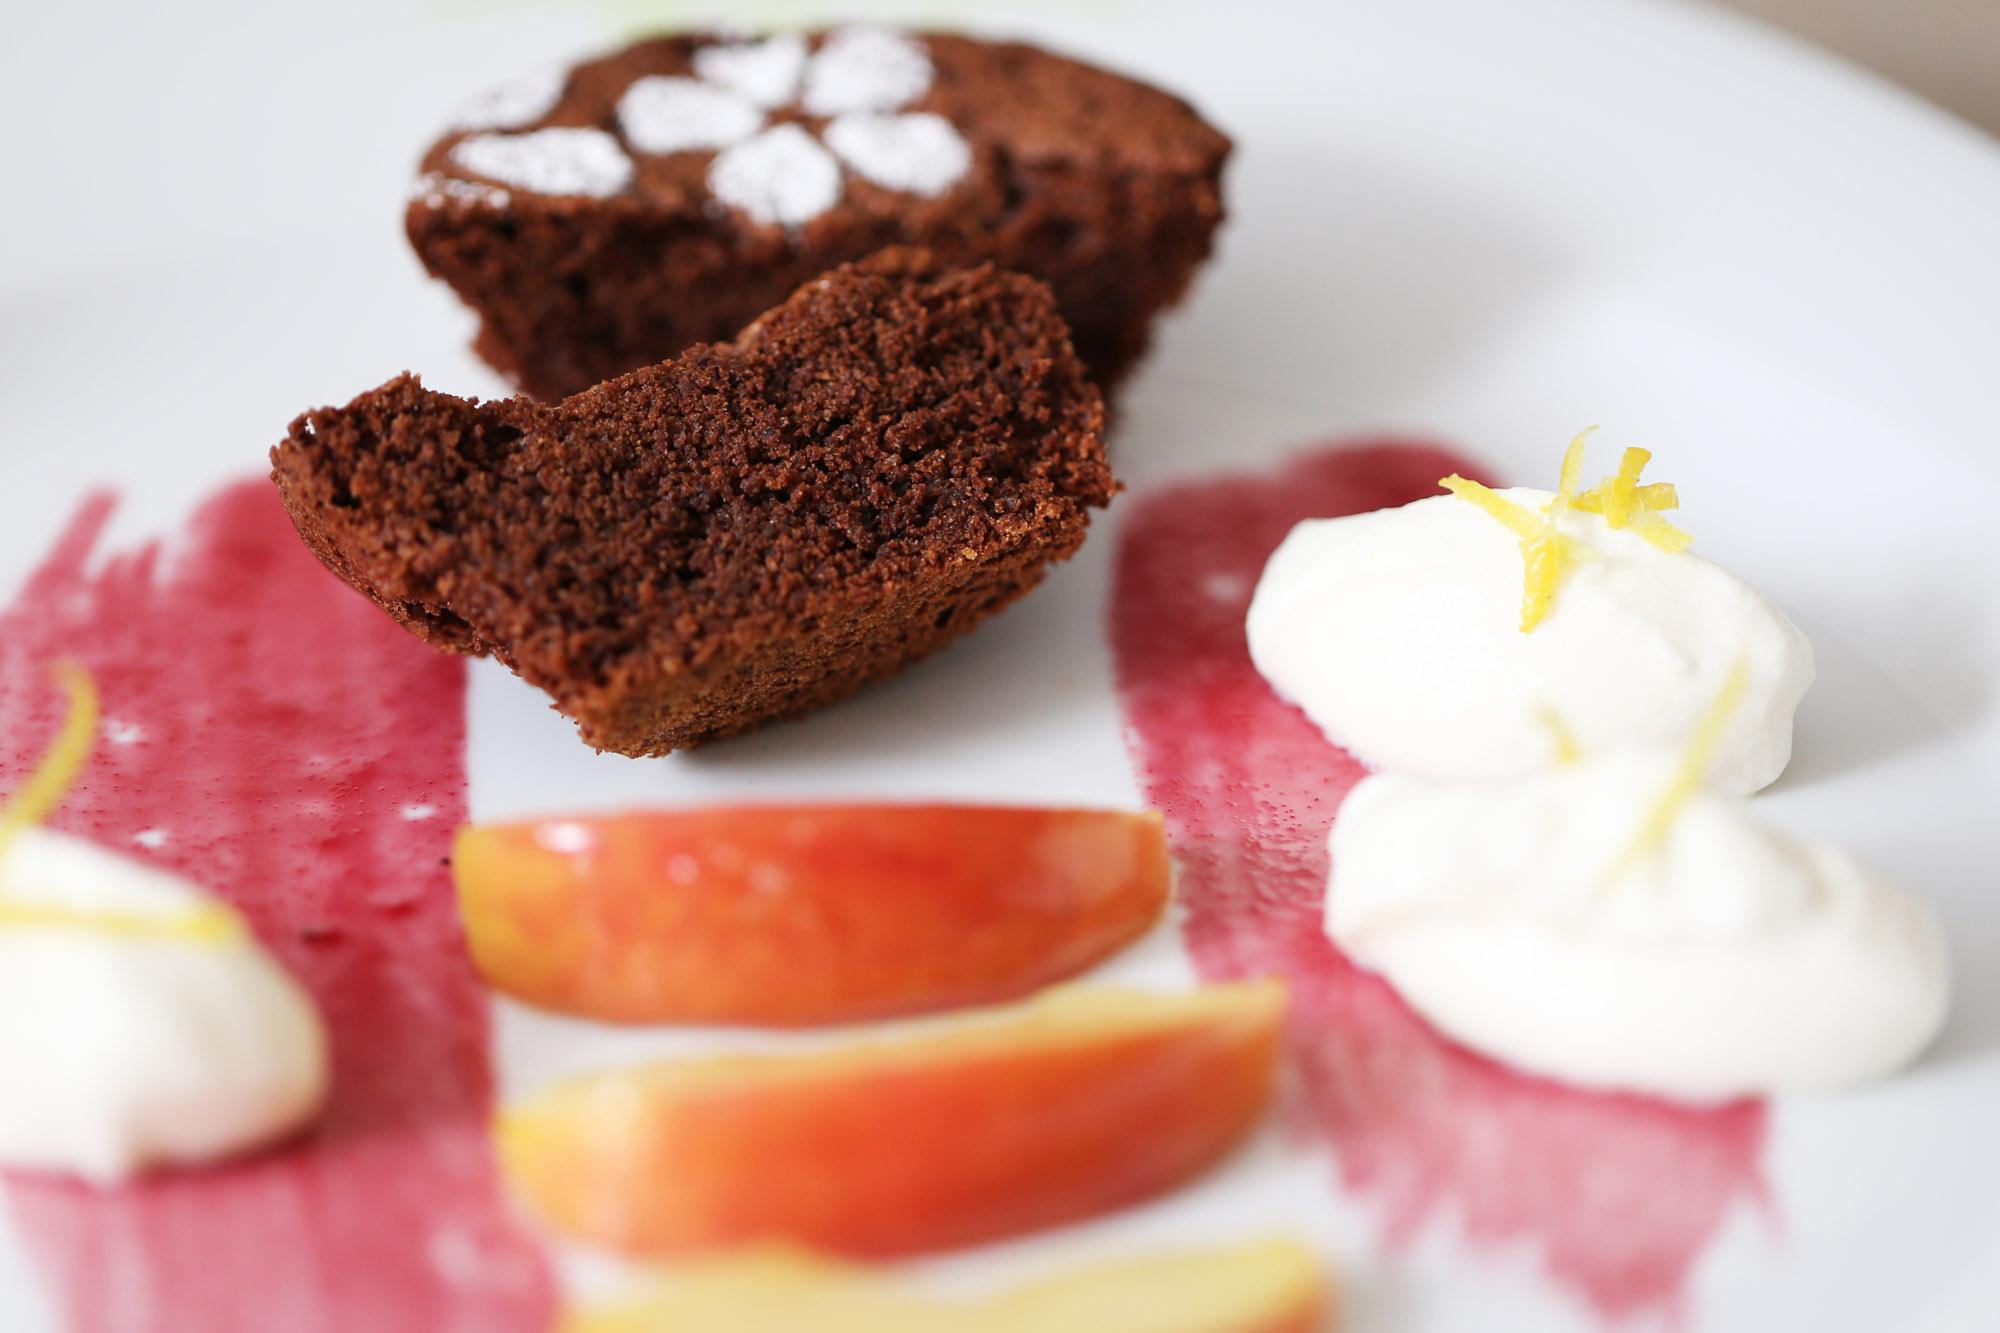 Schokoladentörtchen an glasierten Apfel/ Birnenspalten mit Schmandsahne und Aroniagelee